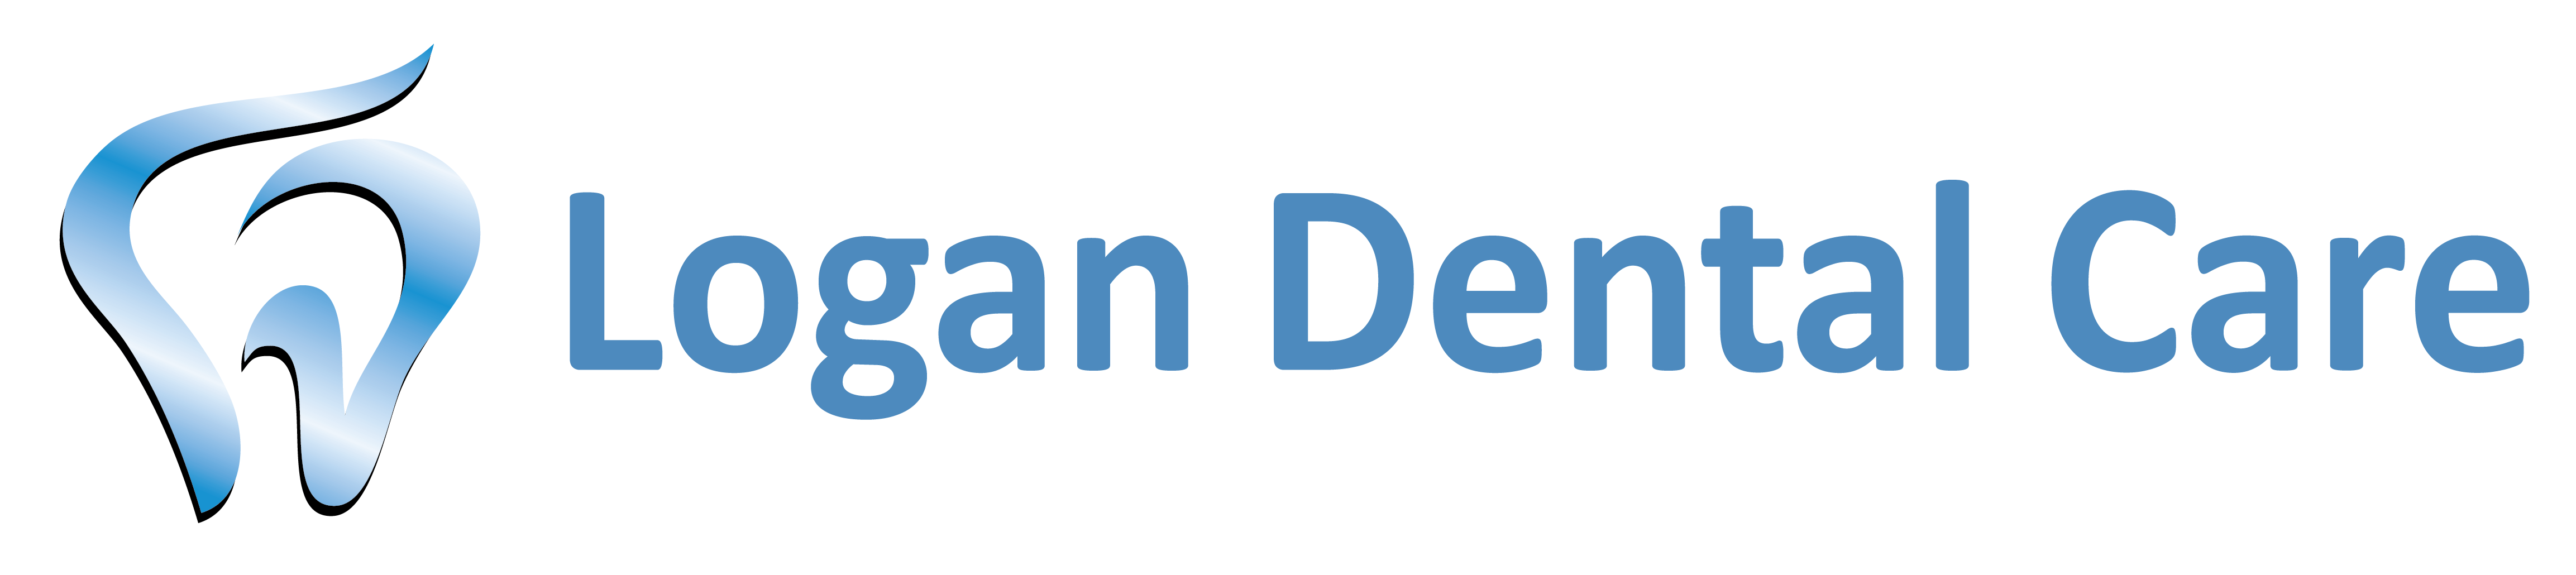 Logan Dental